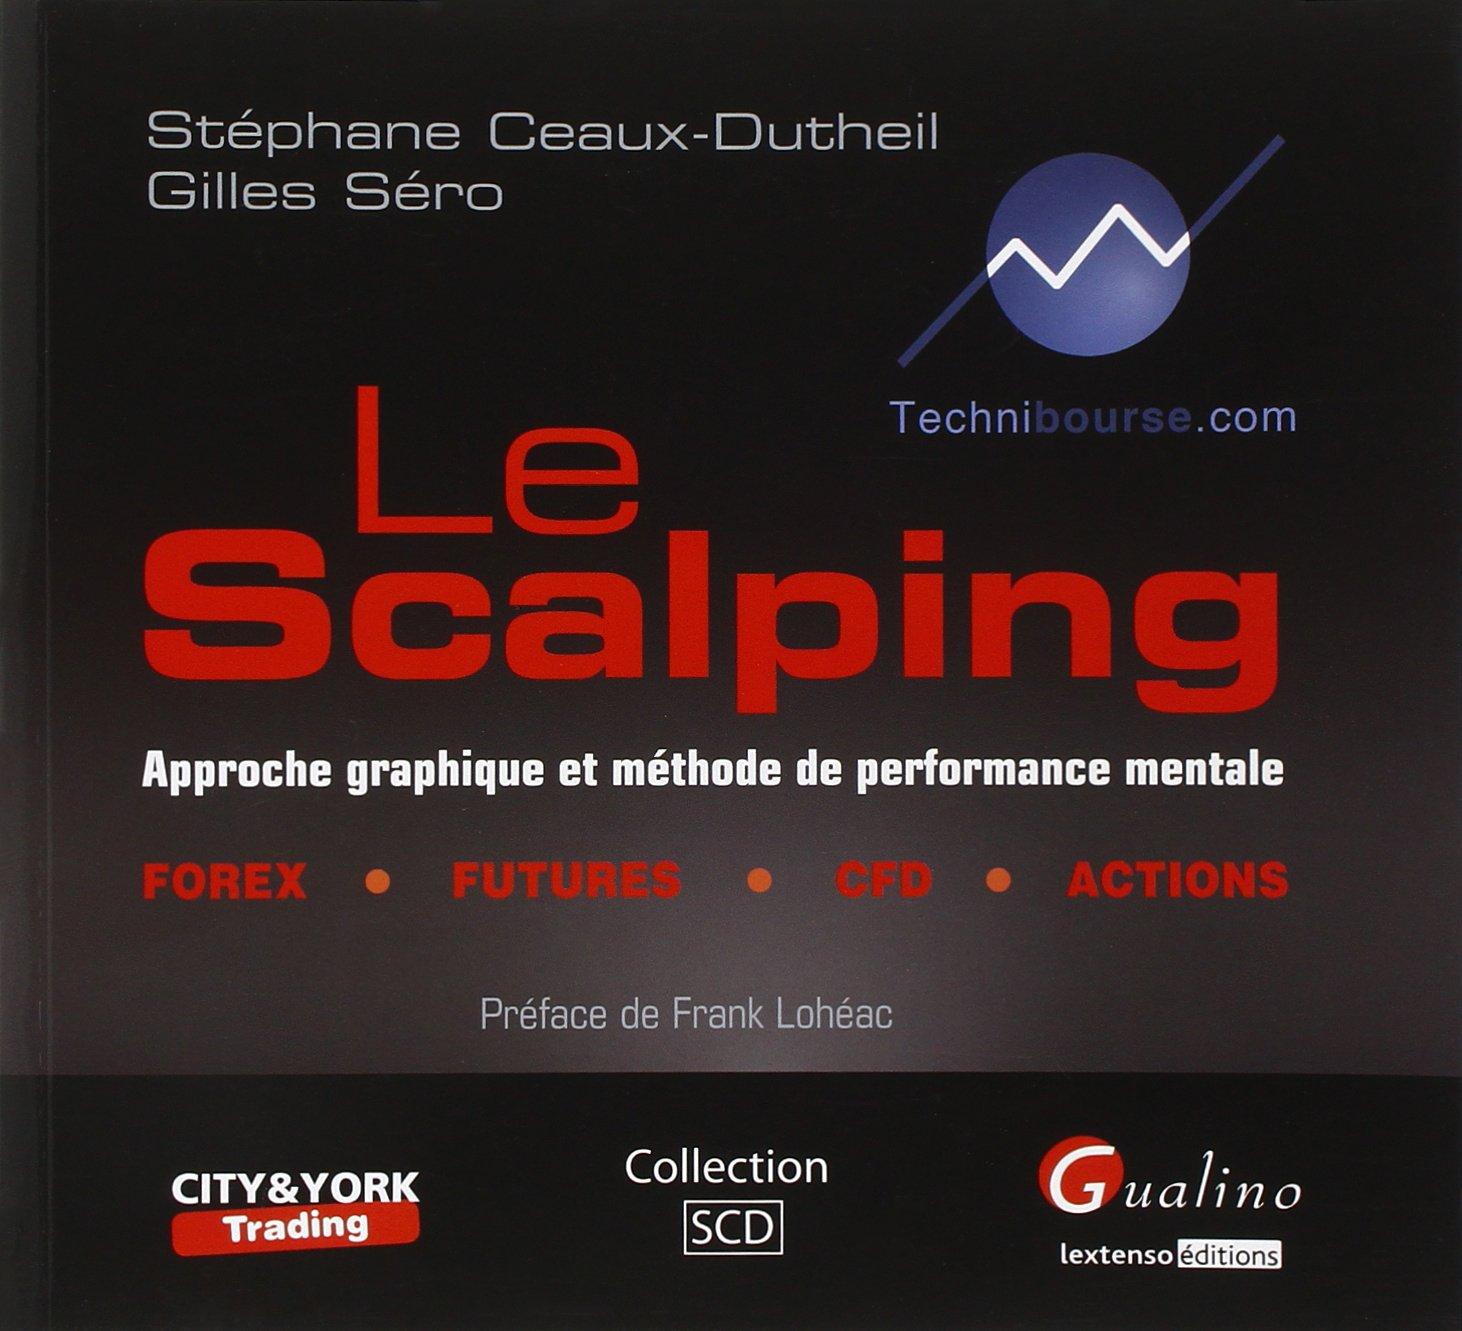 Le scalping : Approche graphique et méthode de performance mentale Broché – 13 septembre 2011 Stéphane Ceaux-Dutheil Gilles Séro Gualino Editeur 2297005423